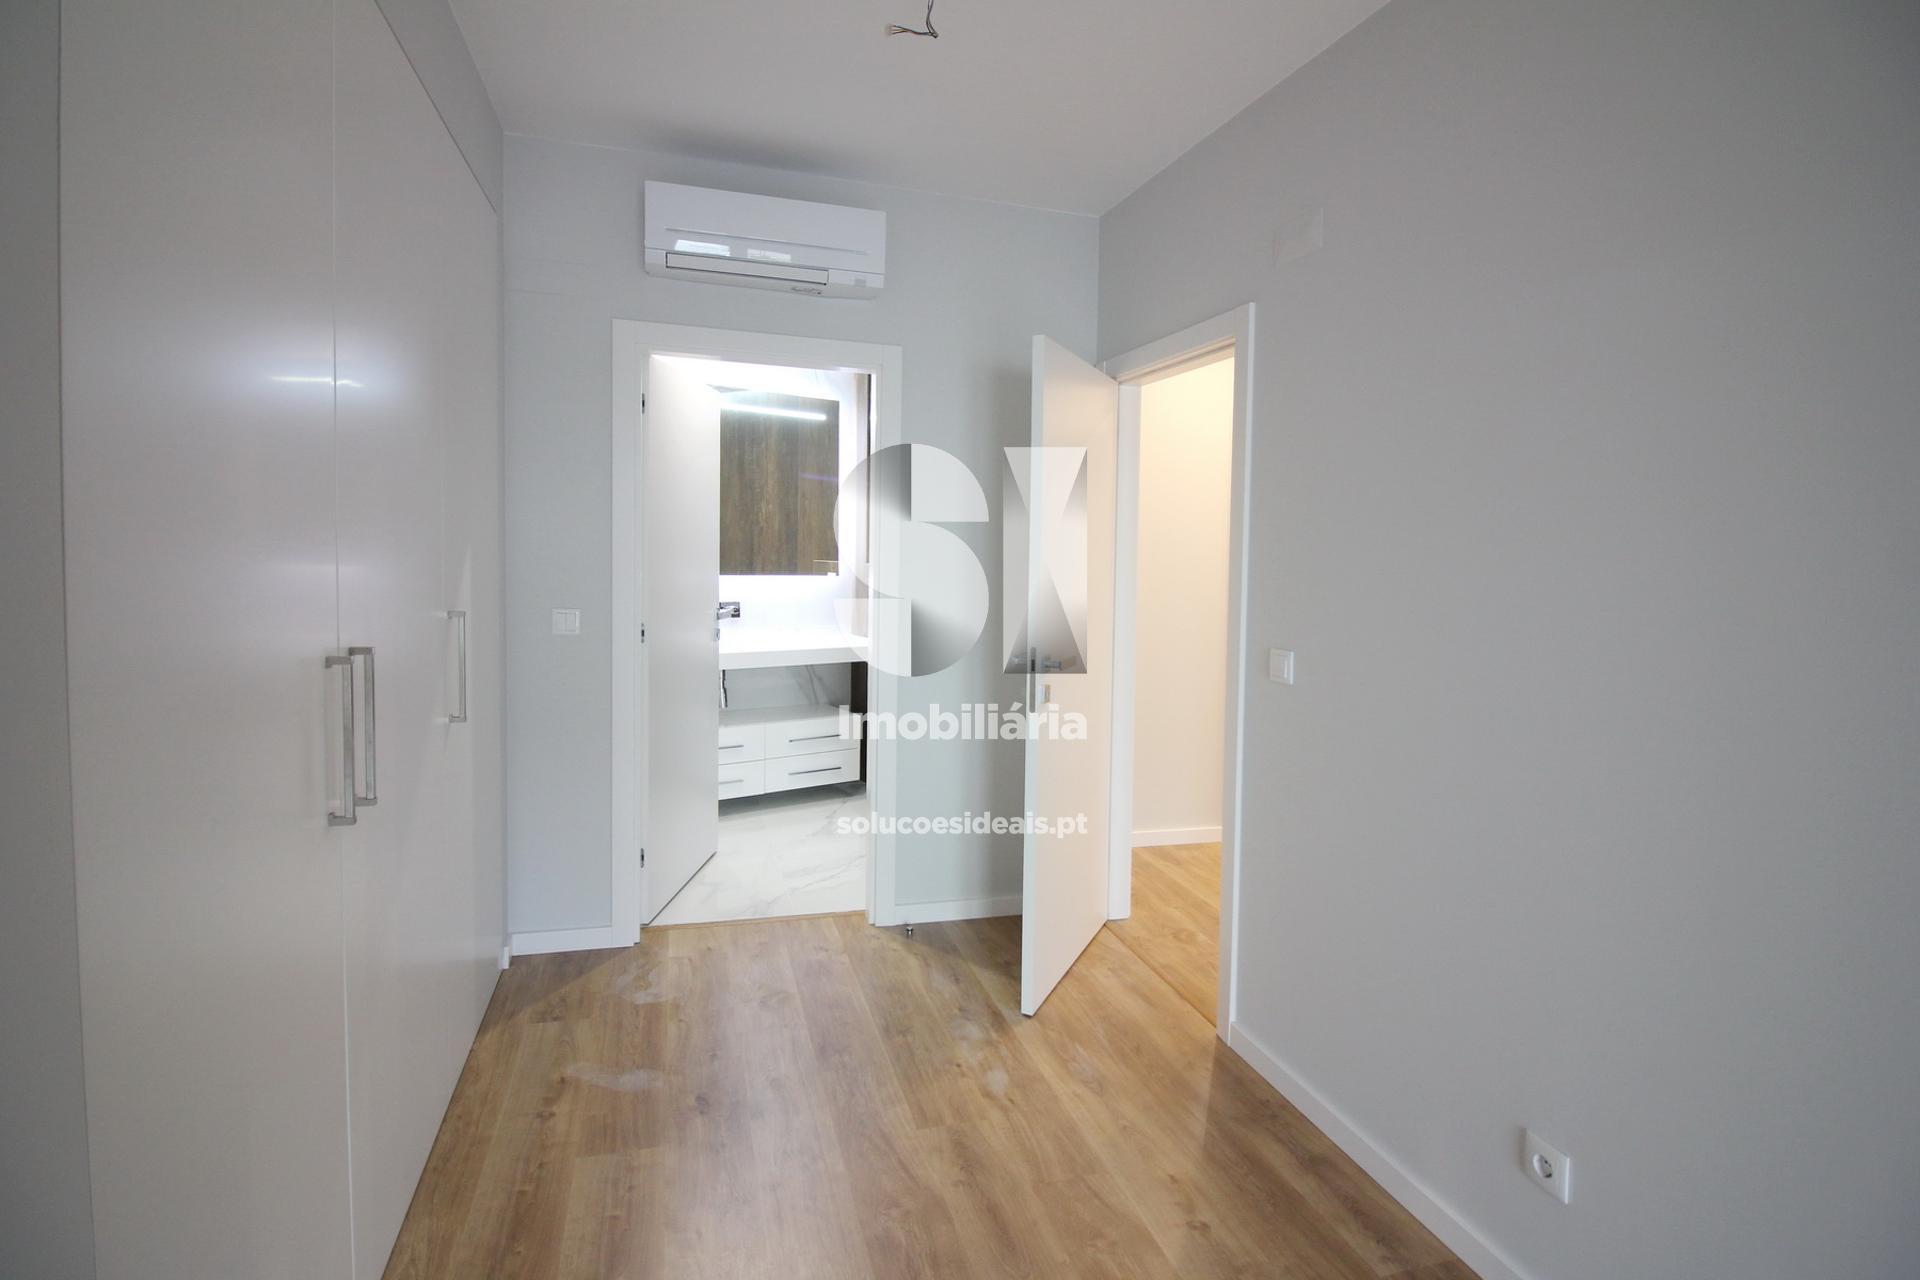 apartamento t2 para compra em oeiras uniao das freguesias de carnaxide e queijas LVASL106_12